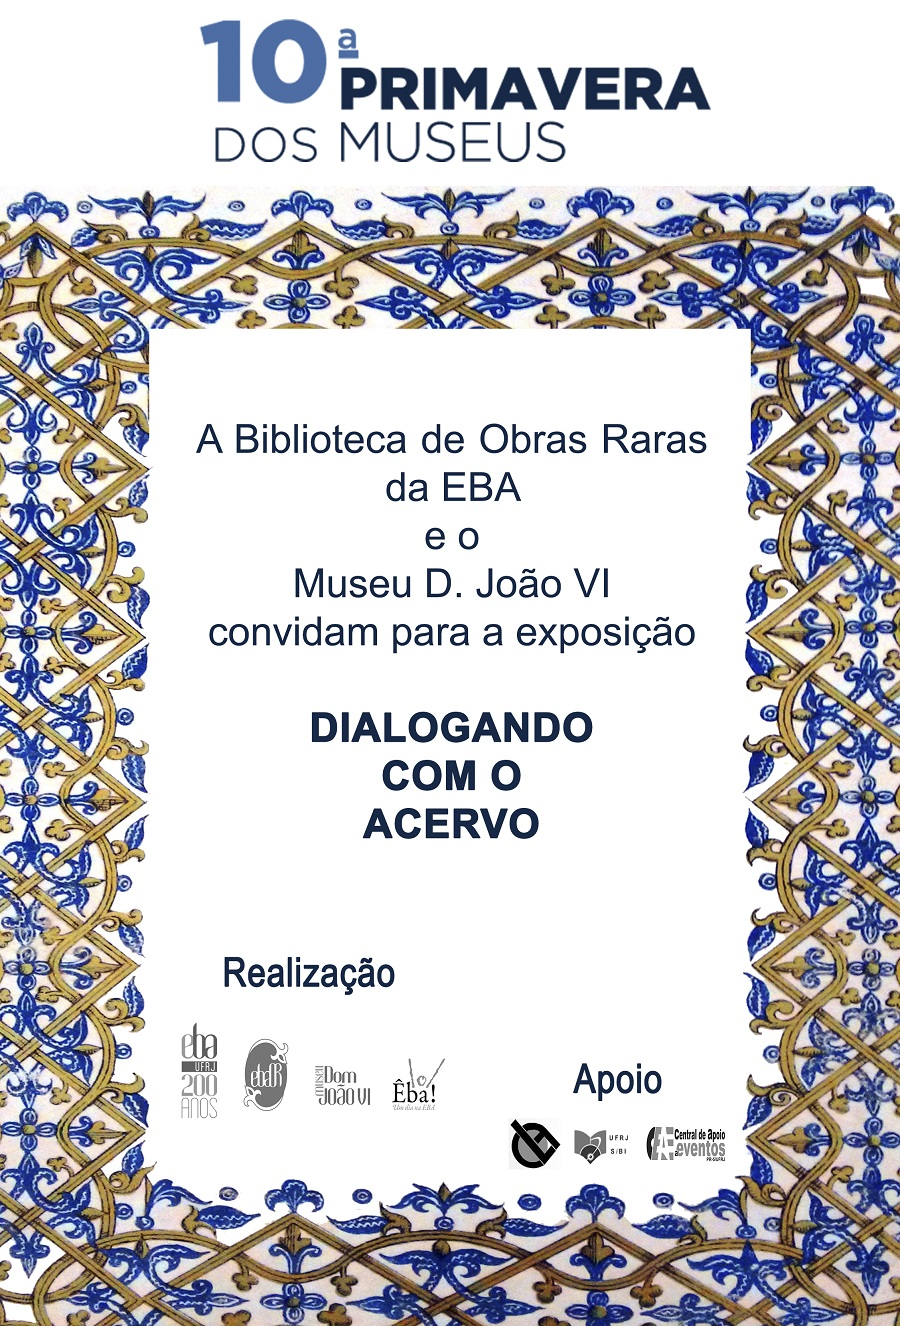 primavera-do-museu-expo-dialogando-com-o-acervo-editada